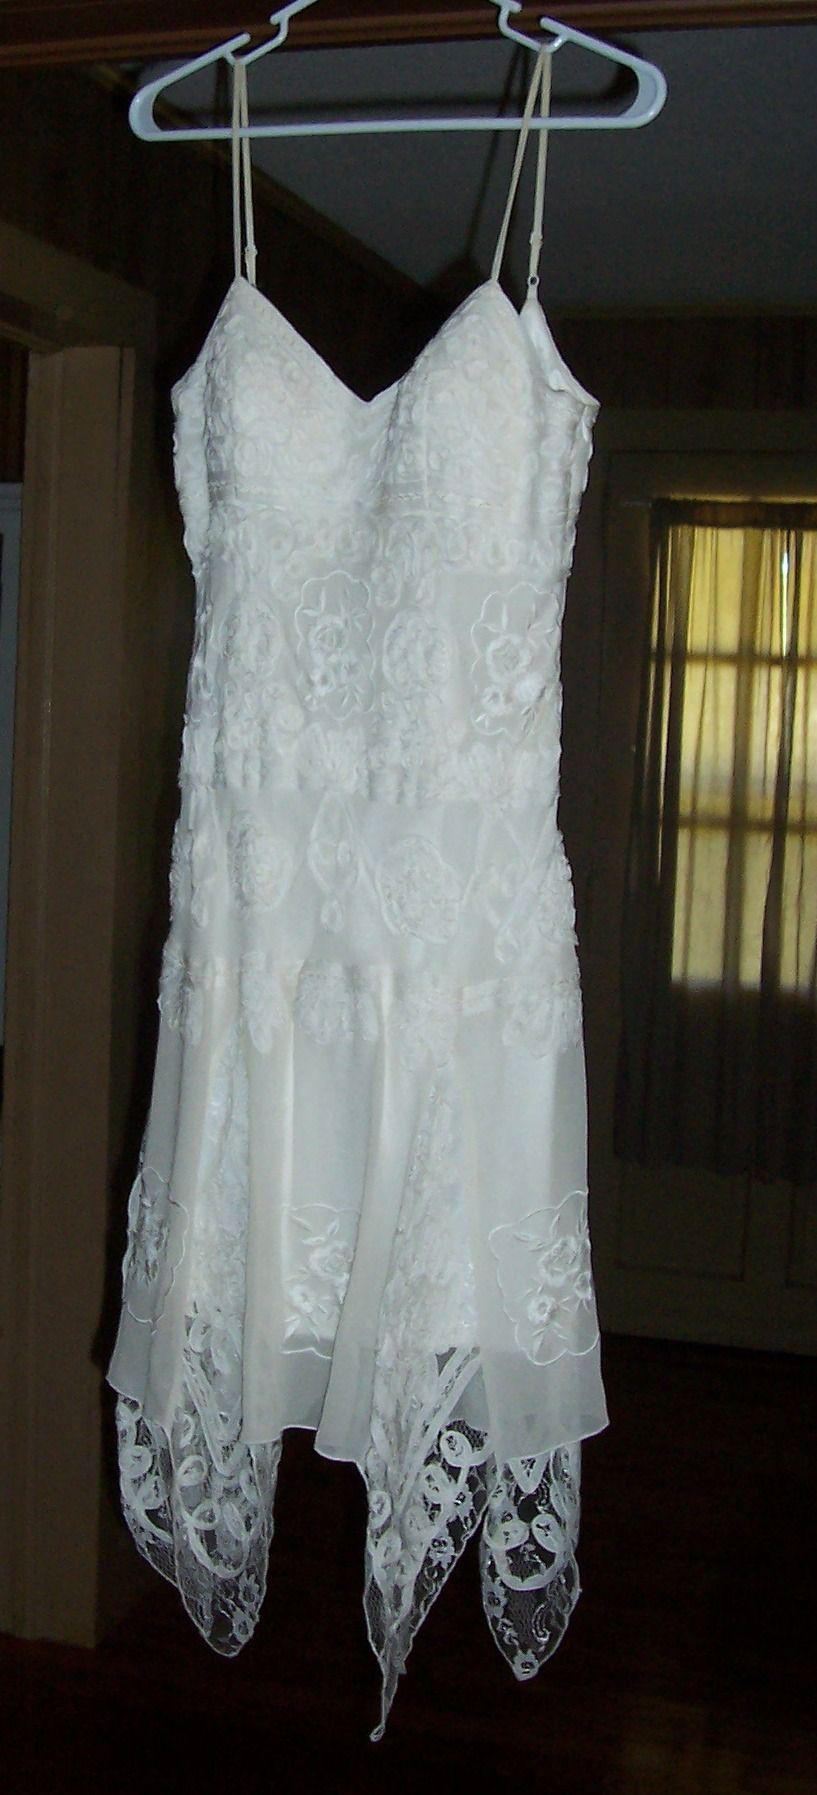 Lauren's Dress